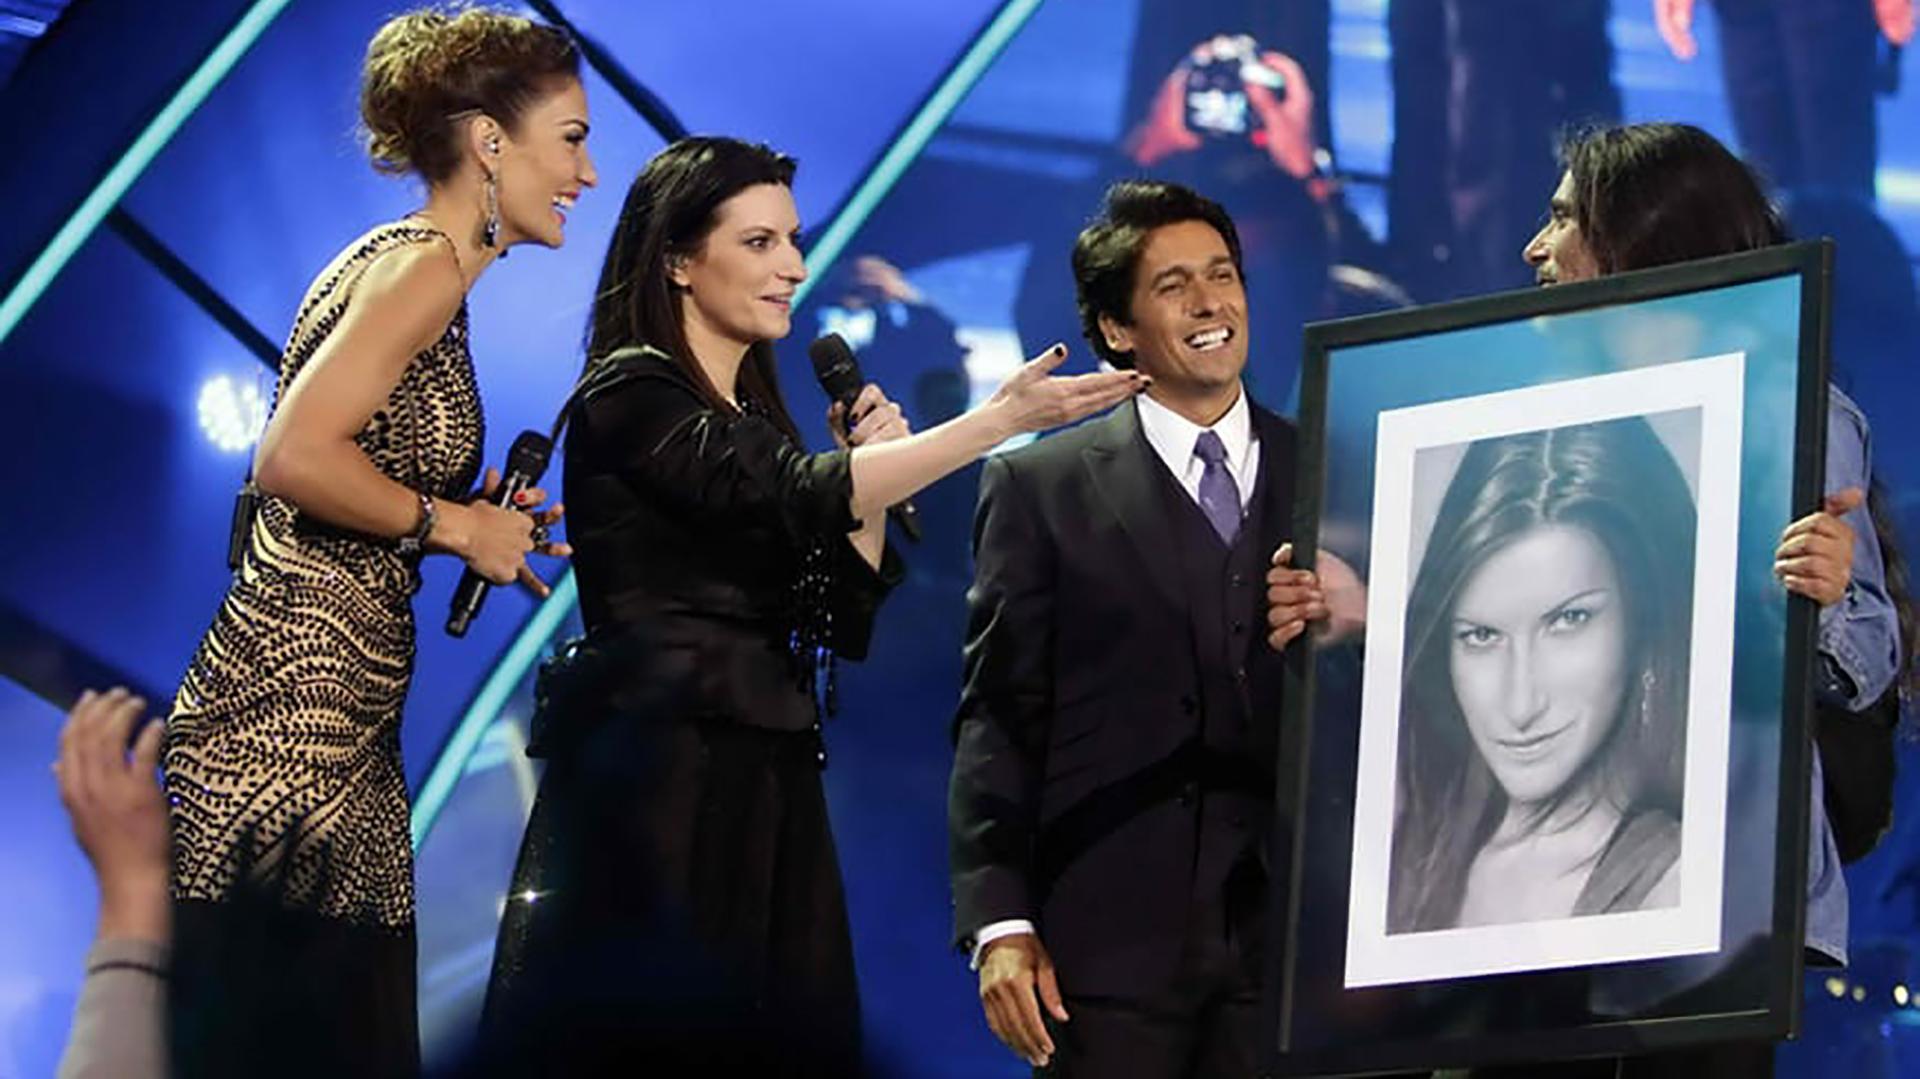 En 2014 Isrrael logró darle a la cantante Laura Pausini su retrato